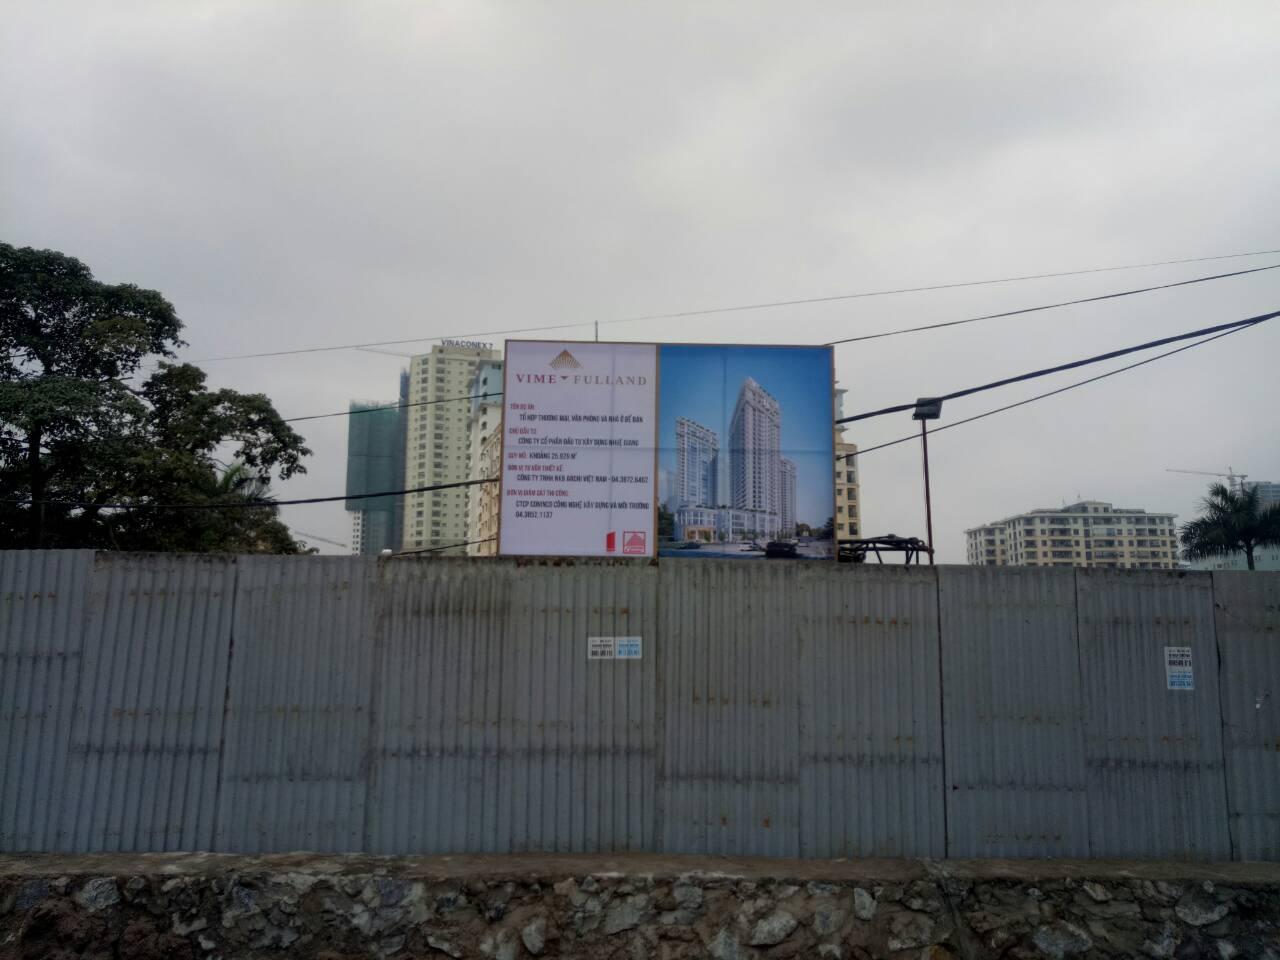 Tiến độ giải phóng mặt bằng chung cư Bel Air Hà Nội